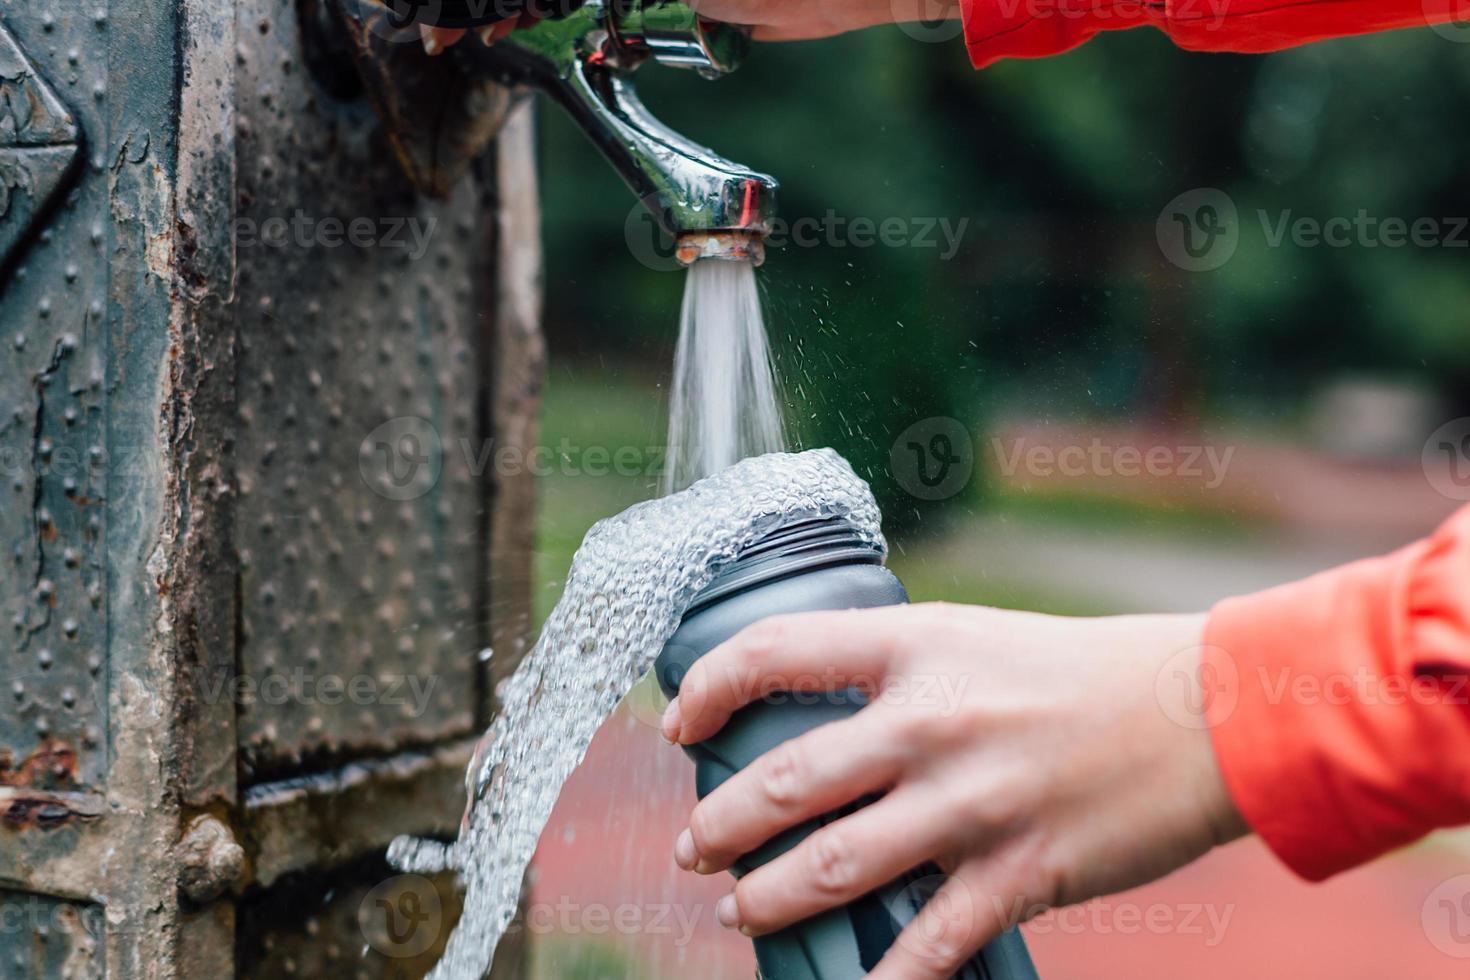 närbild av kvinna som häller vatten i en sportflaska foto